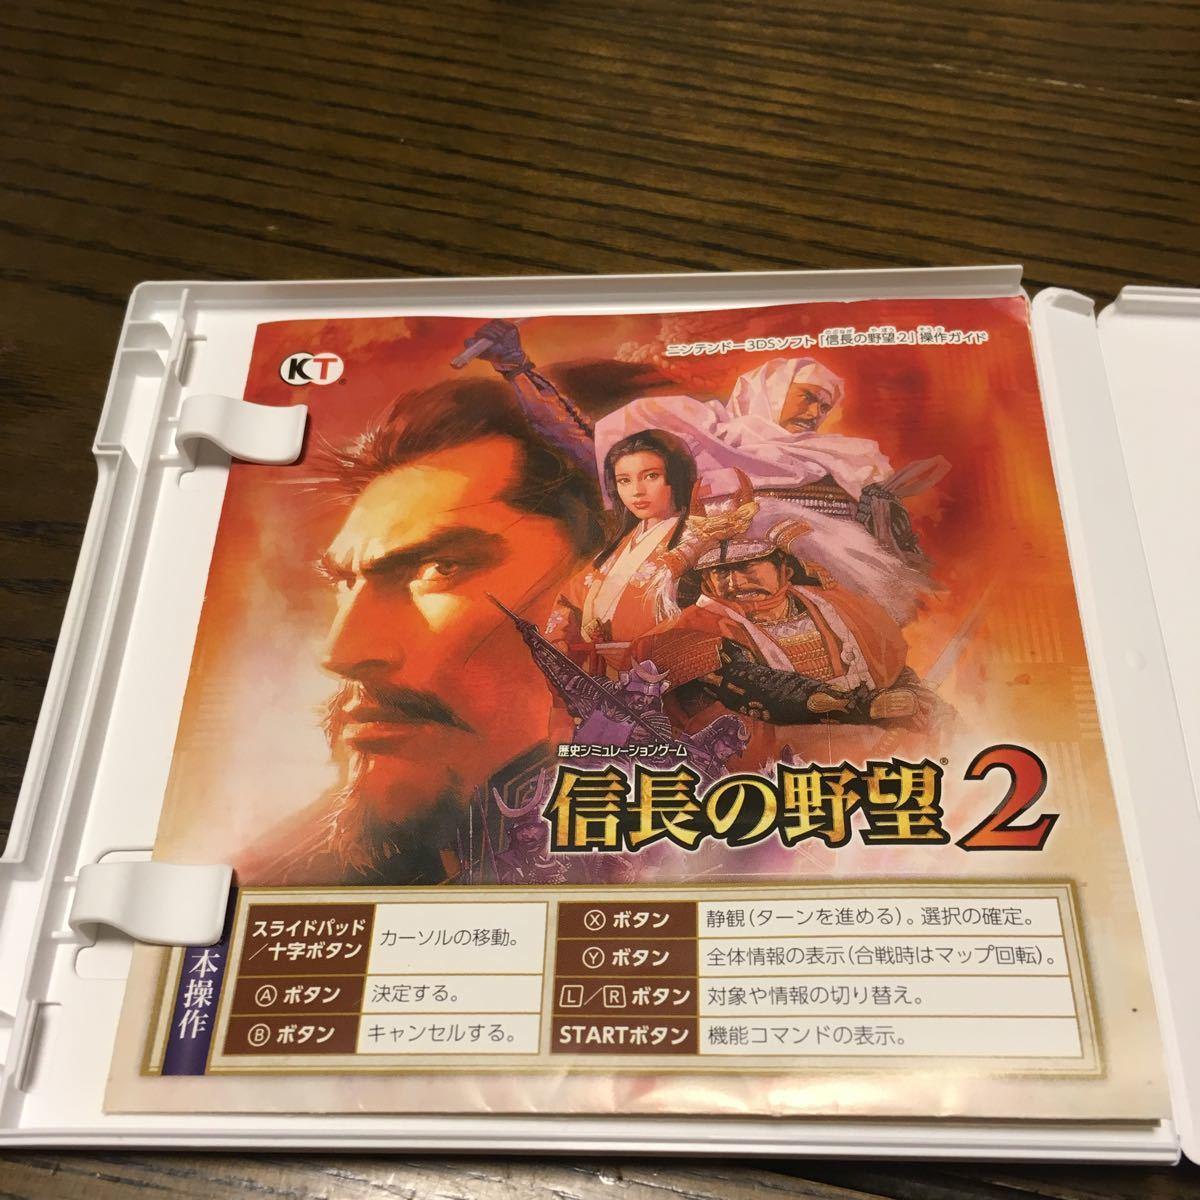 信長の野望 2 任天堂 3DS ソフト koei_画像4